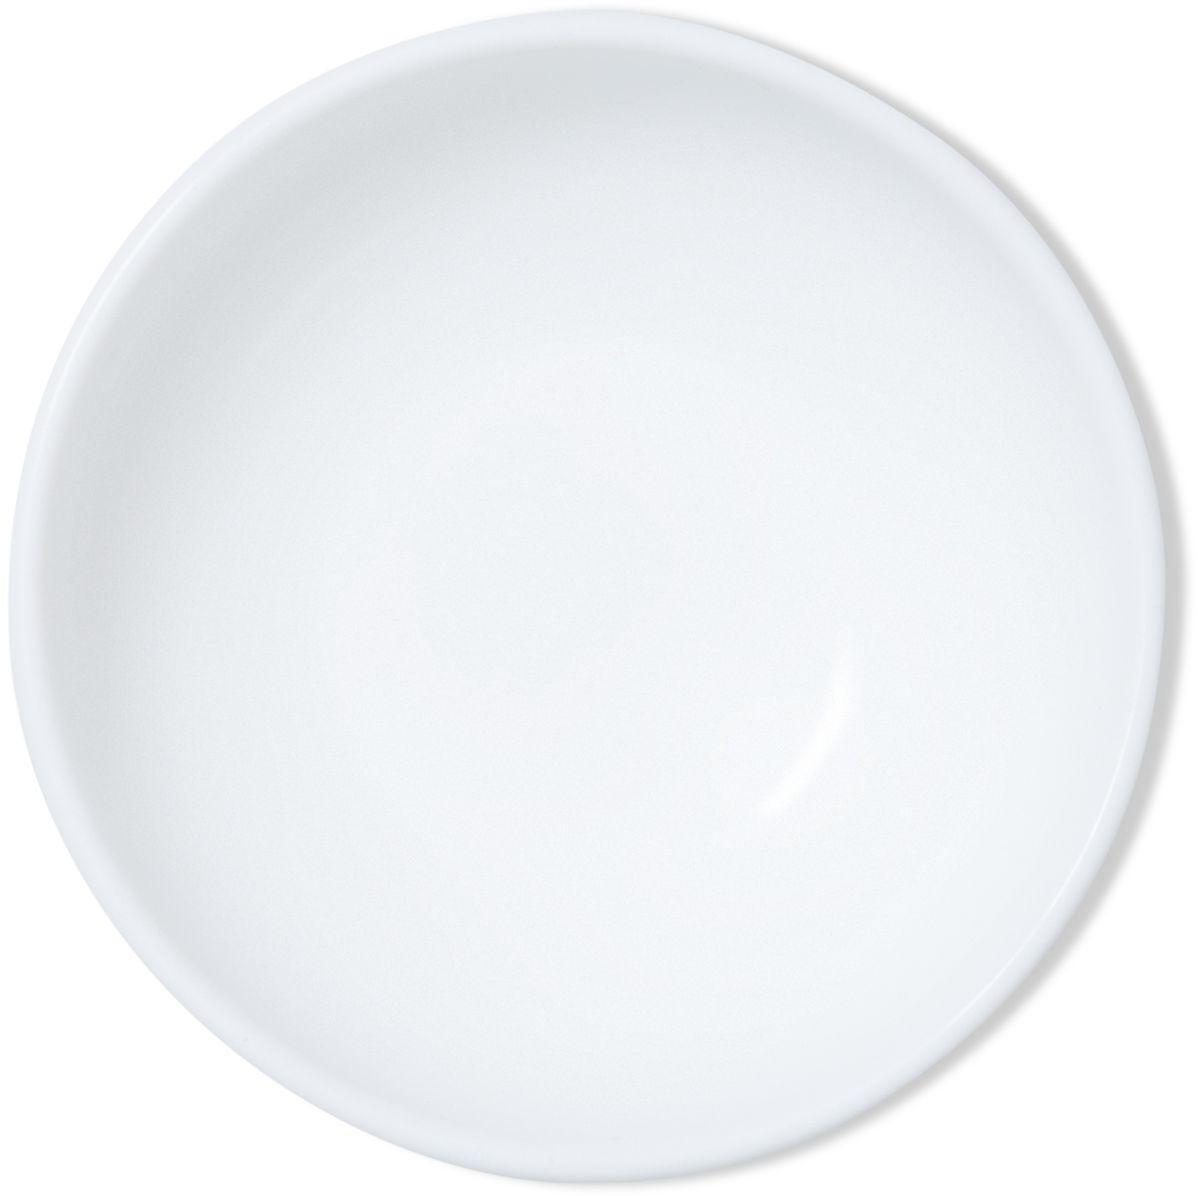 Миска Dosh l Home ADARA, цвет: белый, диаметр 14 см115610Элегантная миска Dosh l Home ADARA отлично подходит для стильной сервировки блюд и закусок. Изготовлена из высококачественного силикона белоснежного цвета. Силикон не впитывает запах и вкус продуктов, устойчив к царапинам.Подходит для микроволновой печи, холодильника. Можно мыть в посудомоечной машине.Мыть обычными моющими средствами, не использовать агрессивные вещества, металлические мочалки, острые предметы и т.д..Диаметр: 14 см.